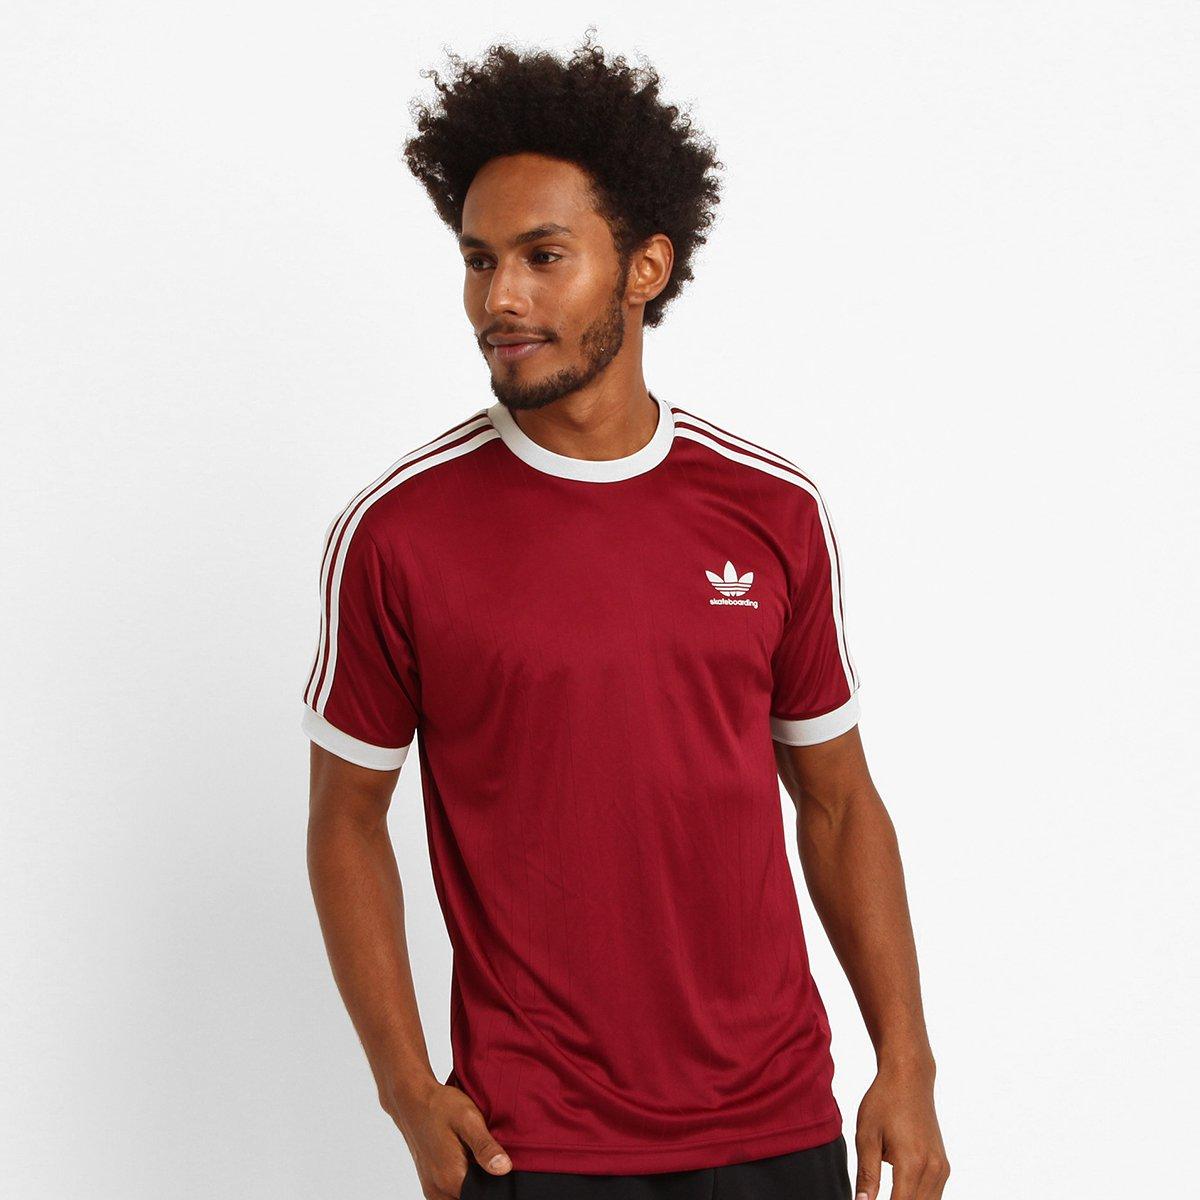 Camiseta Adidas Originals Adv Club - Compre Agora  5dbceabf95d3c